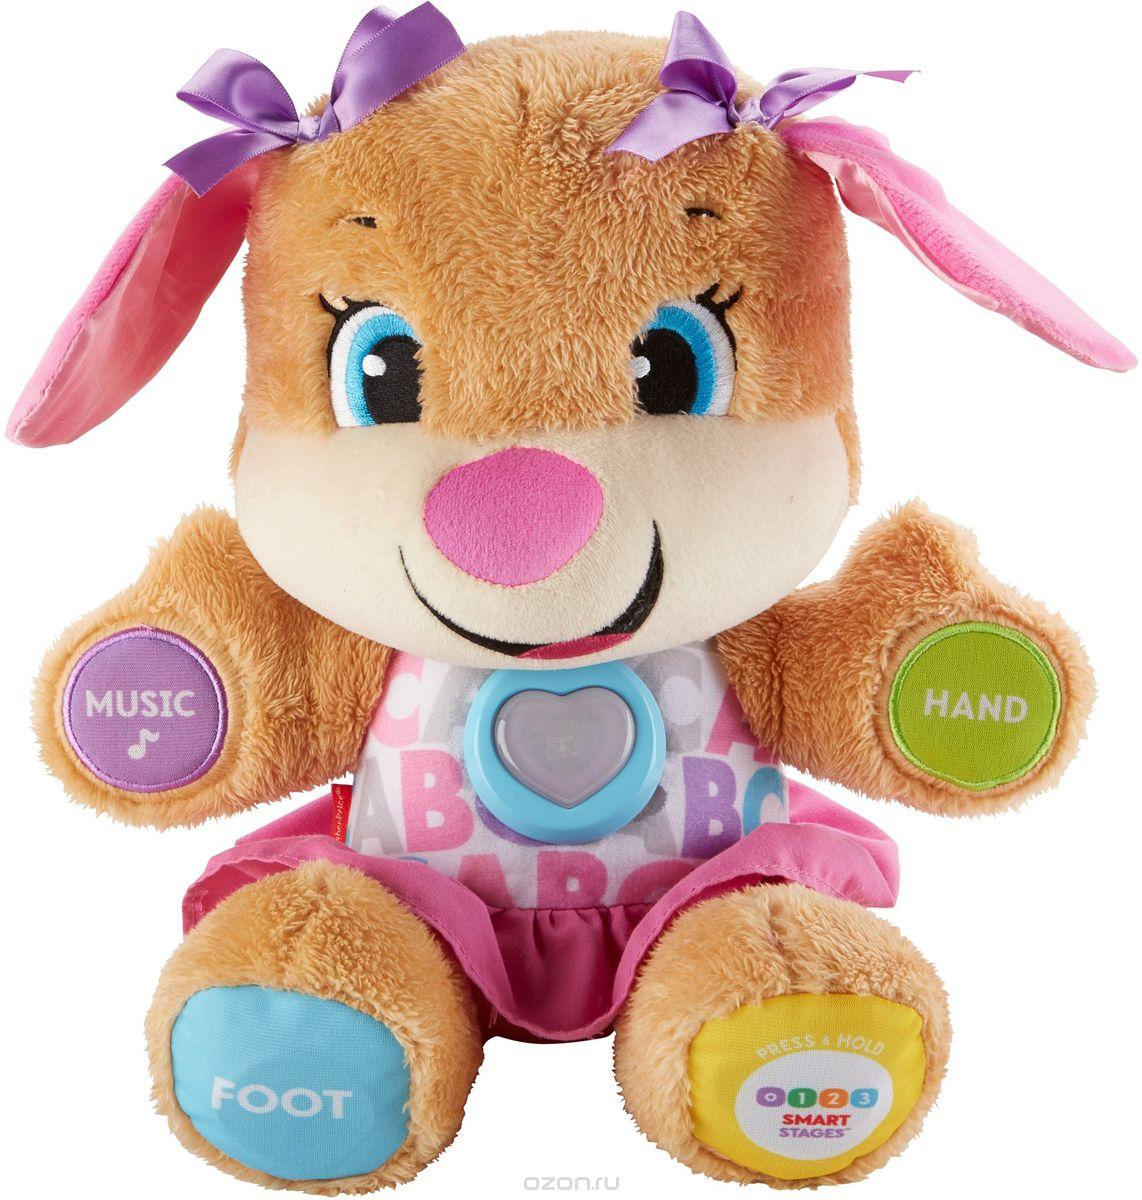 Топ 20 игрушек для девочек к новому году 2019: чем удивить ребенка?